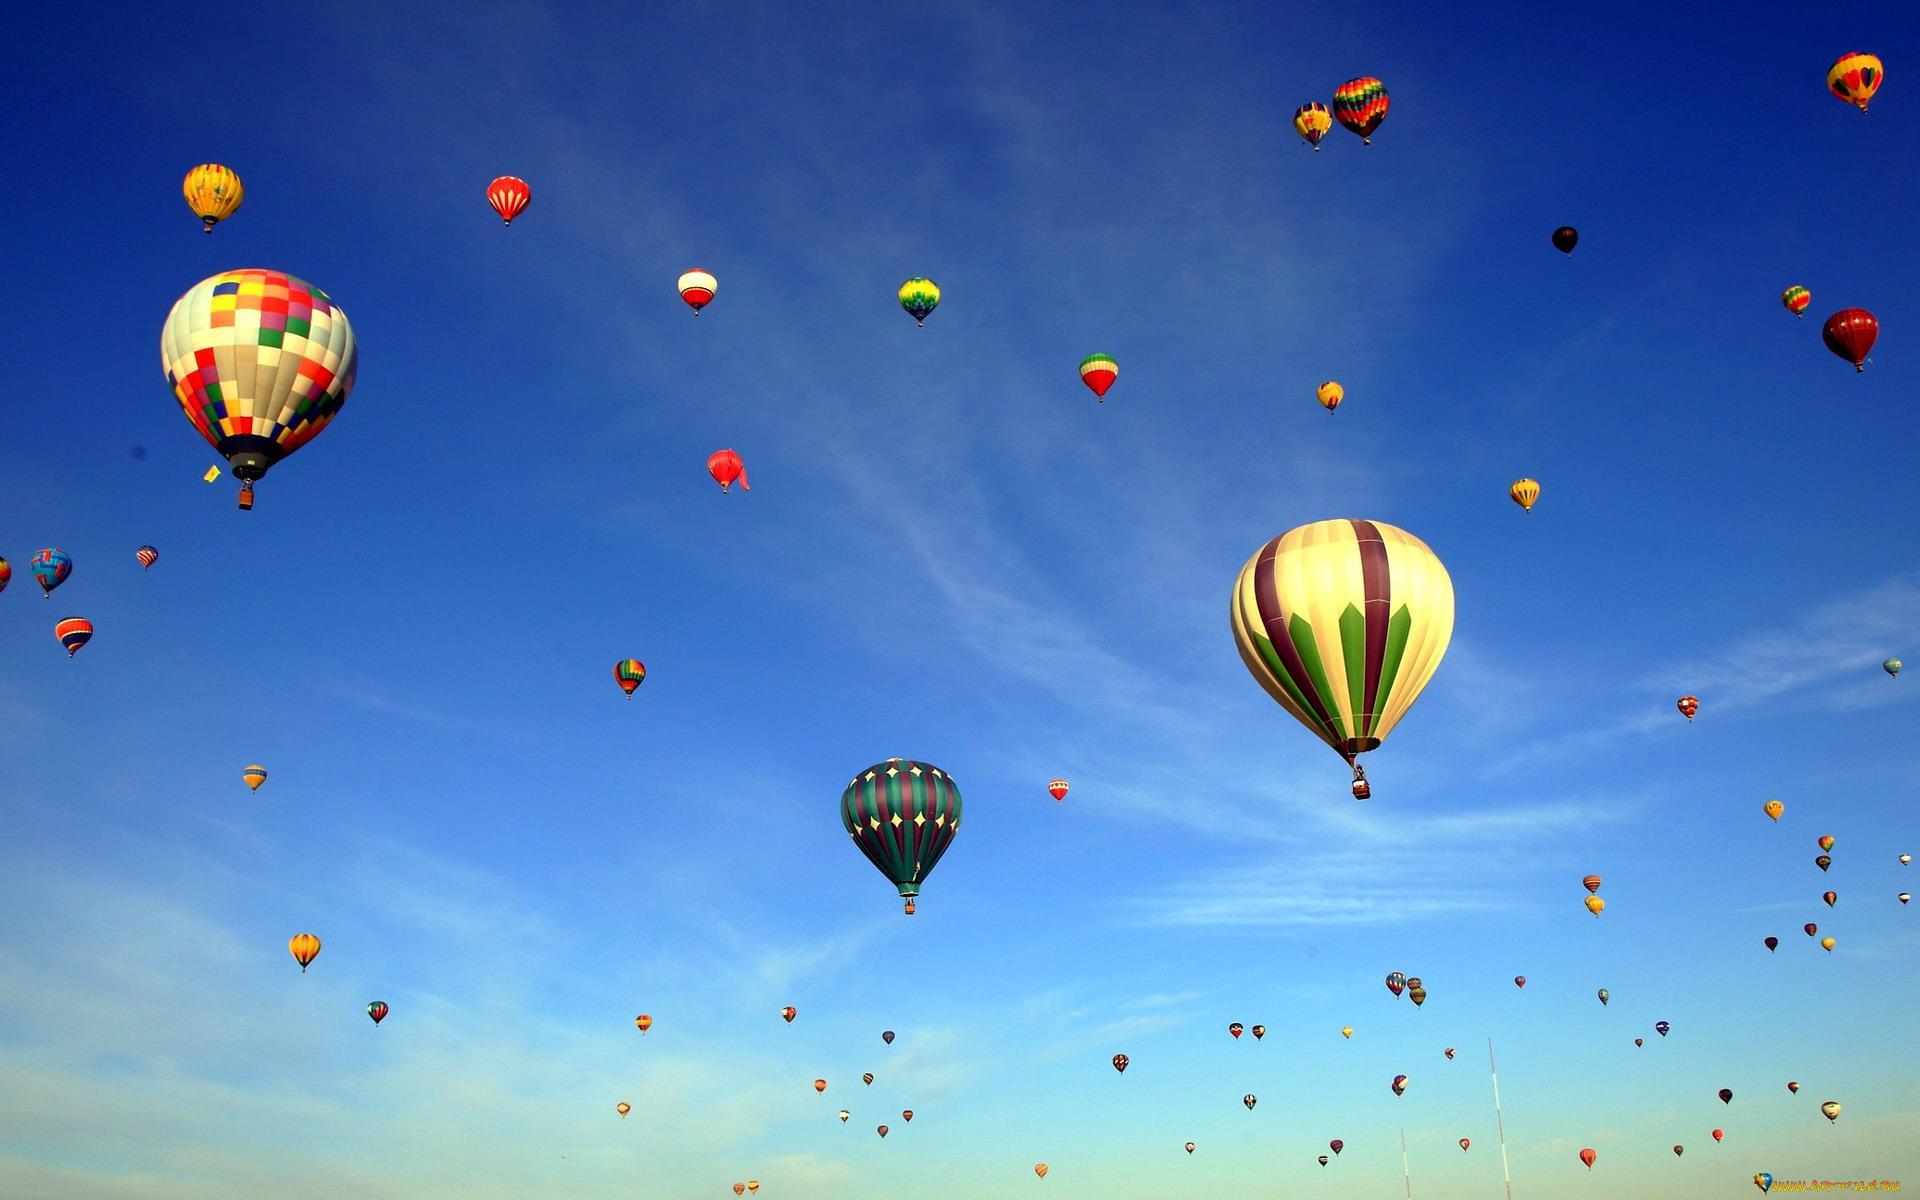 картинки с воздушными шарами в небе его состав